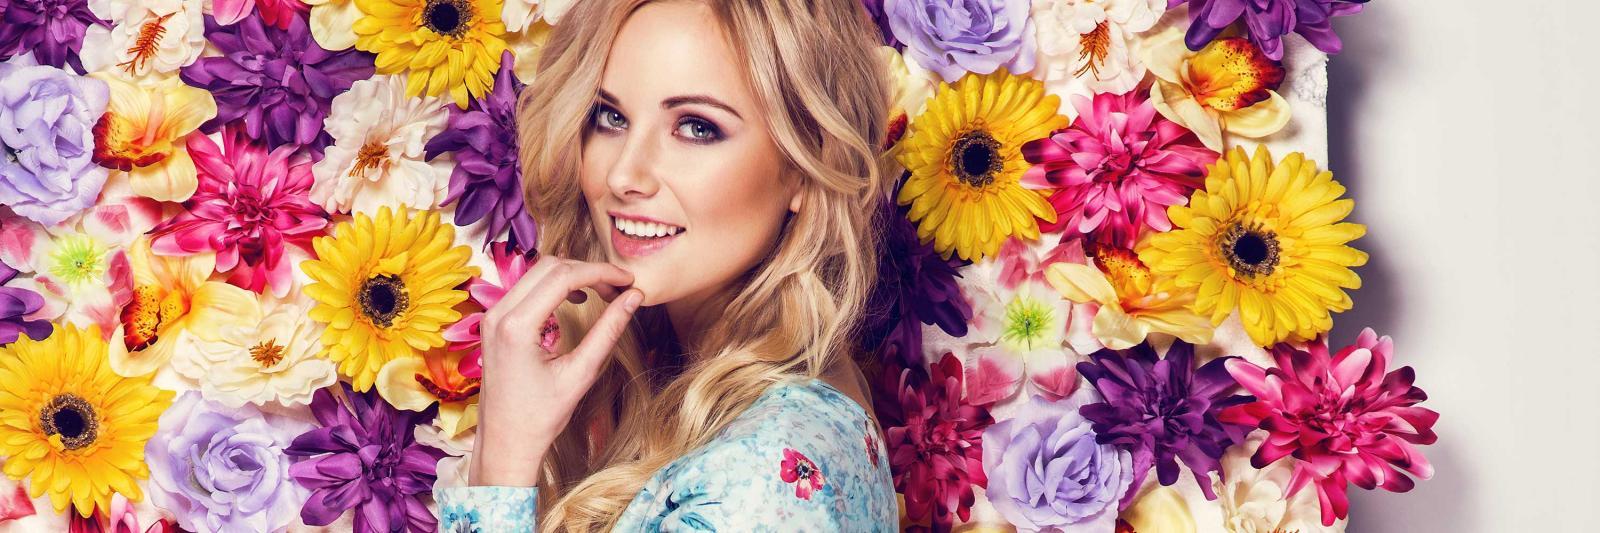 Transferpapiere für Sublimation auf flexible Substrate - blonde Frau mit Blumenkleid vor einer Wand aus Blüten